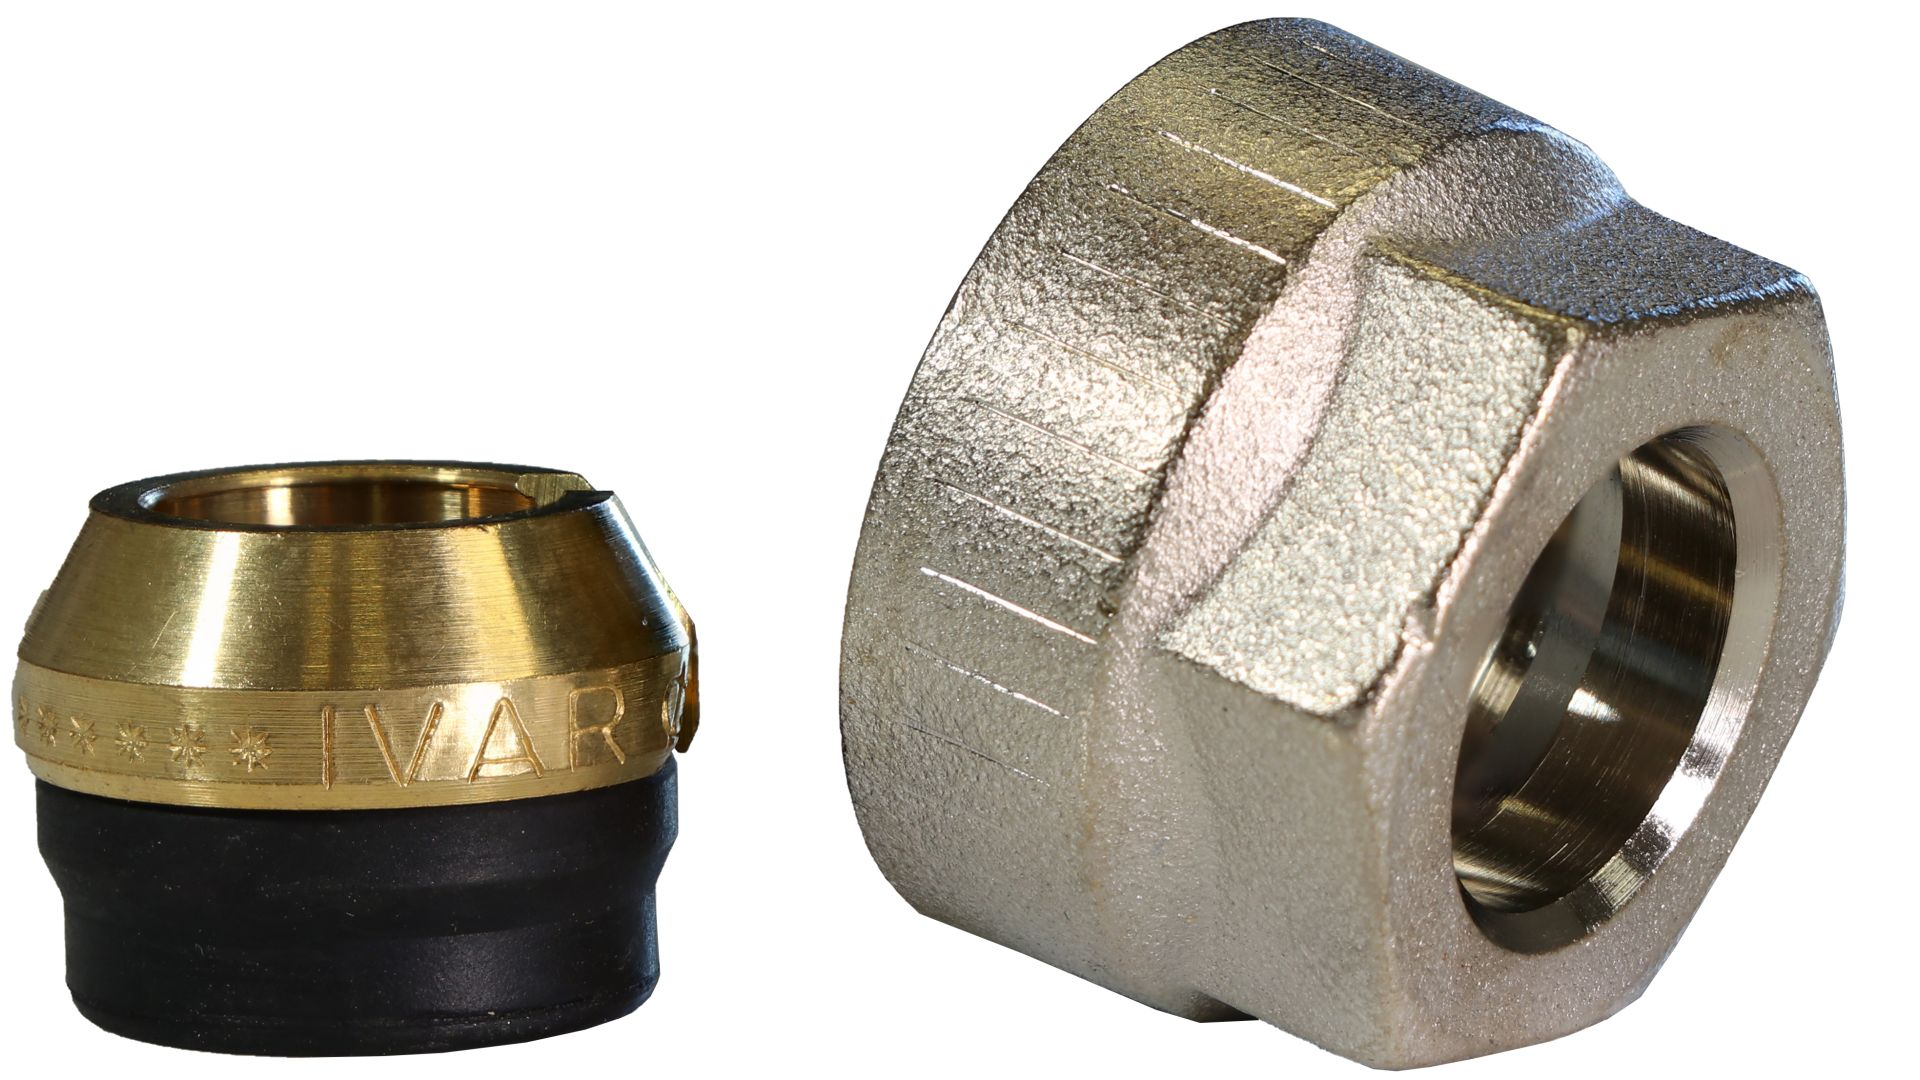 Marley DreMa (TW) Euro-Adapter für 12 mm Kupferrohr (Nr. 23),  3/4 Zoll Innengewinde Euro-Konus